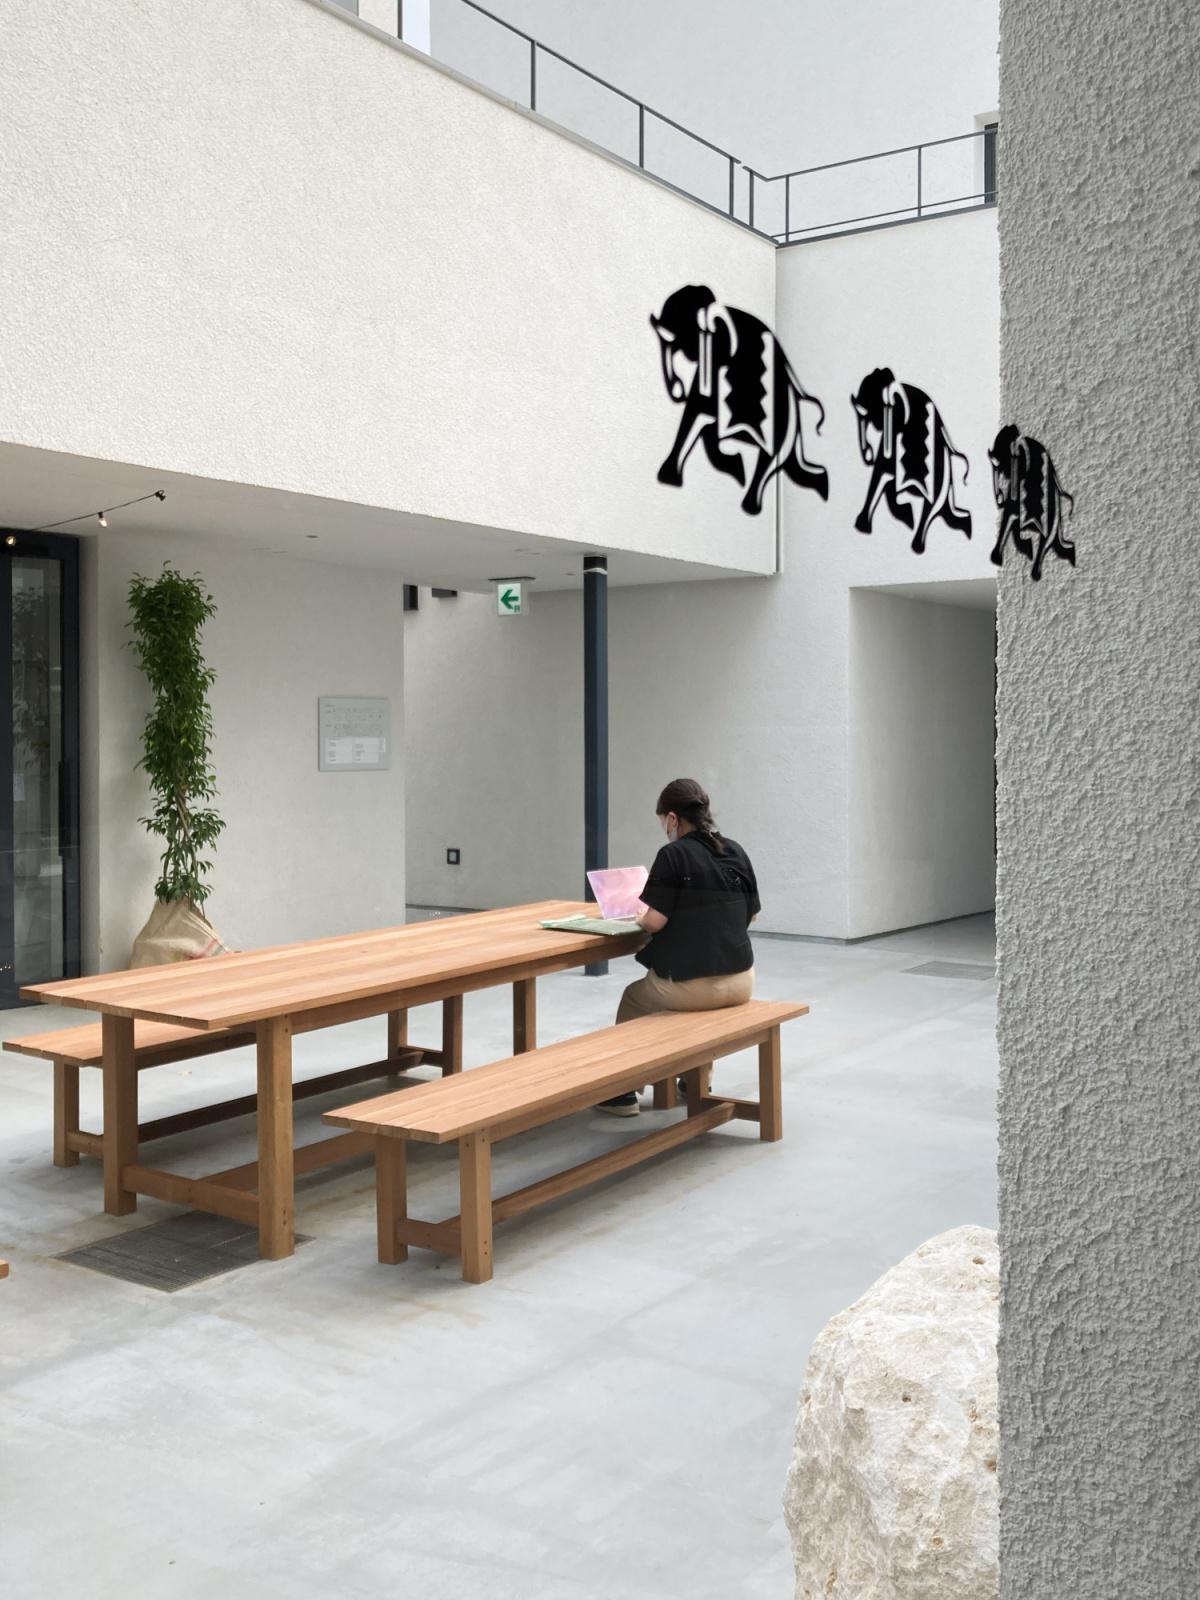 カレーの聖地下北沢で、いちばん美味いチキンカレーか!? 新商業施設のSANZOU TOKYO